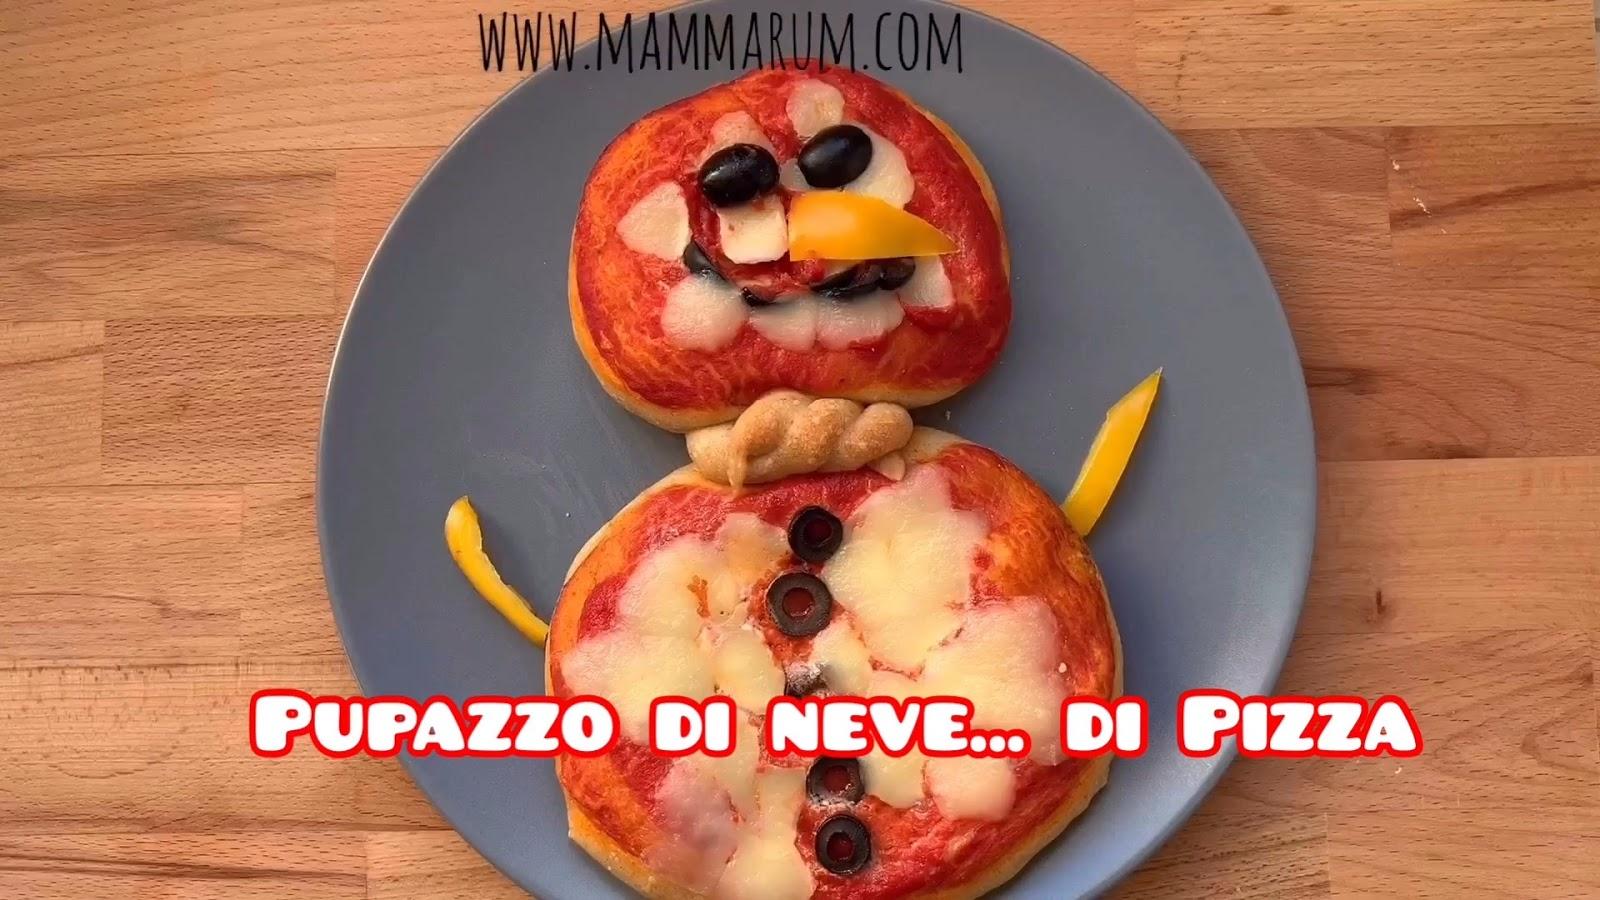 Avvento Giorno 8: Pupazzo di neve di... pizza